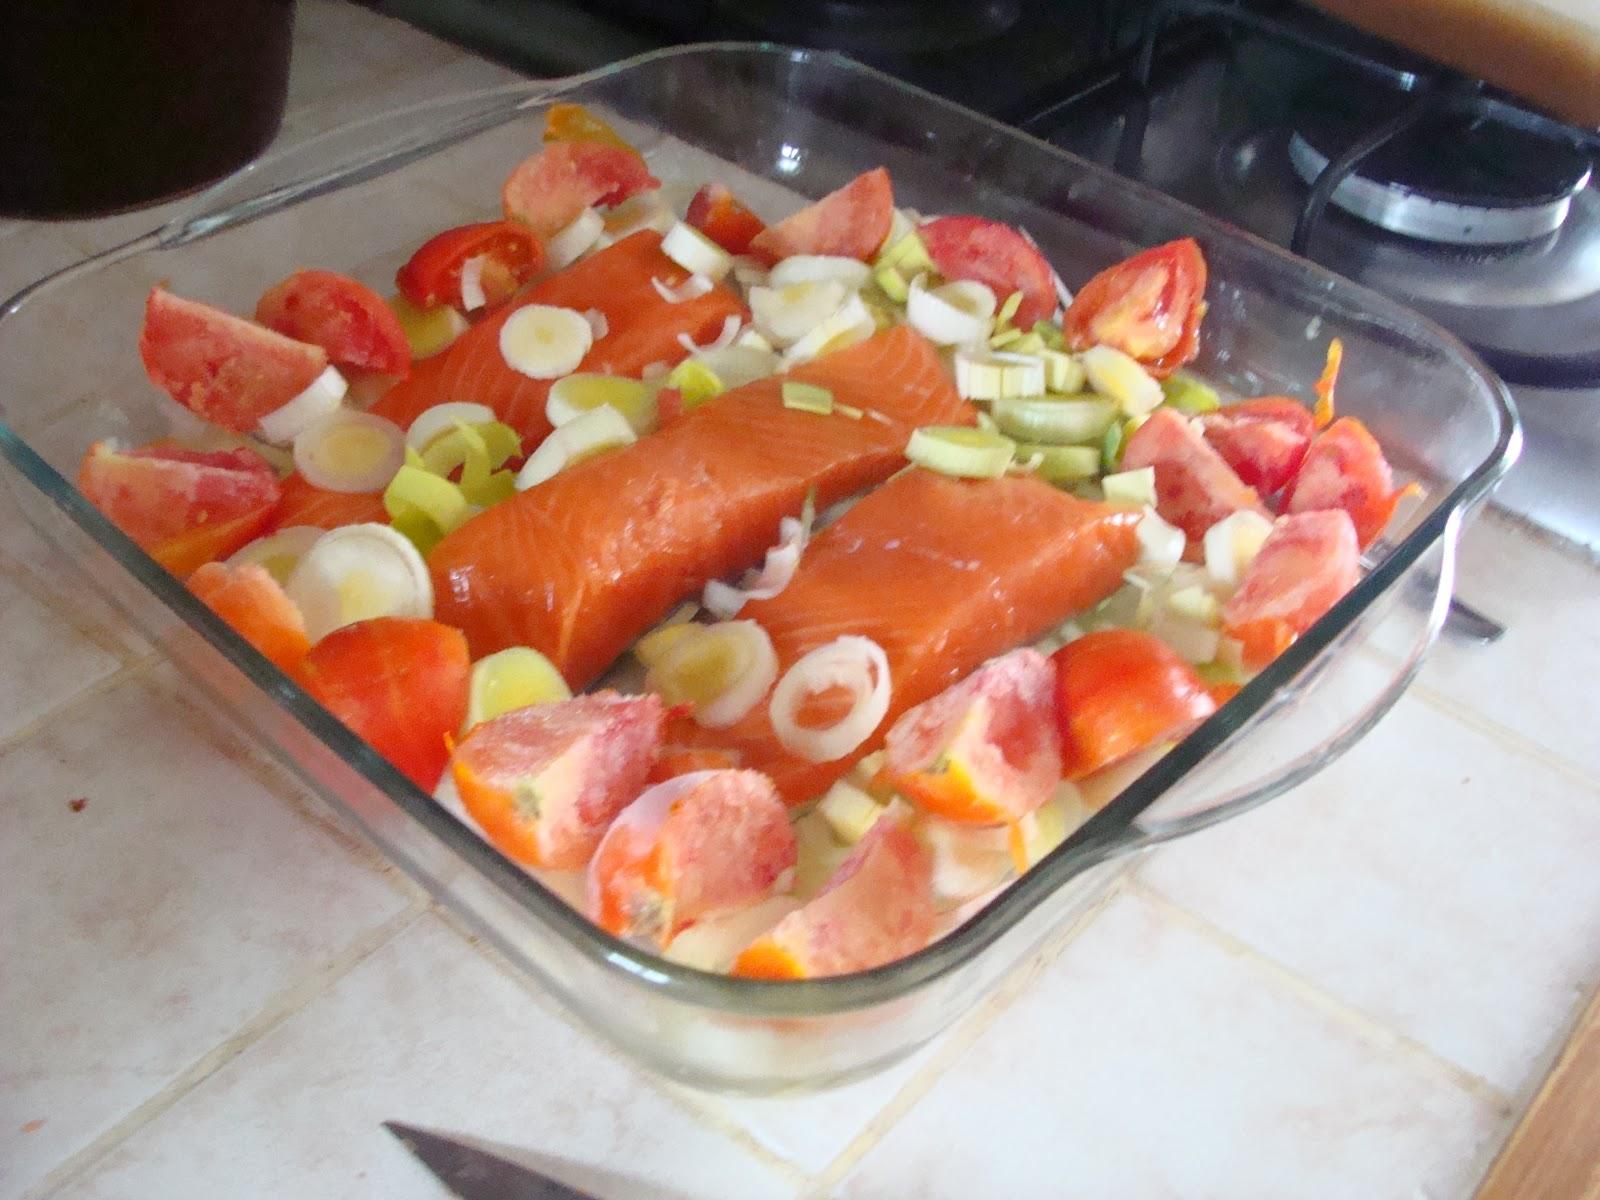 Cuisinons bien ensemble pav s de saumon au four - Comment cuisiner des paves de saumon ...